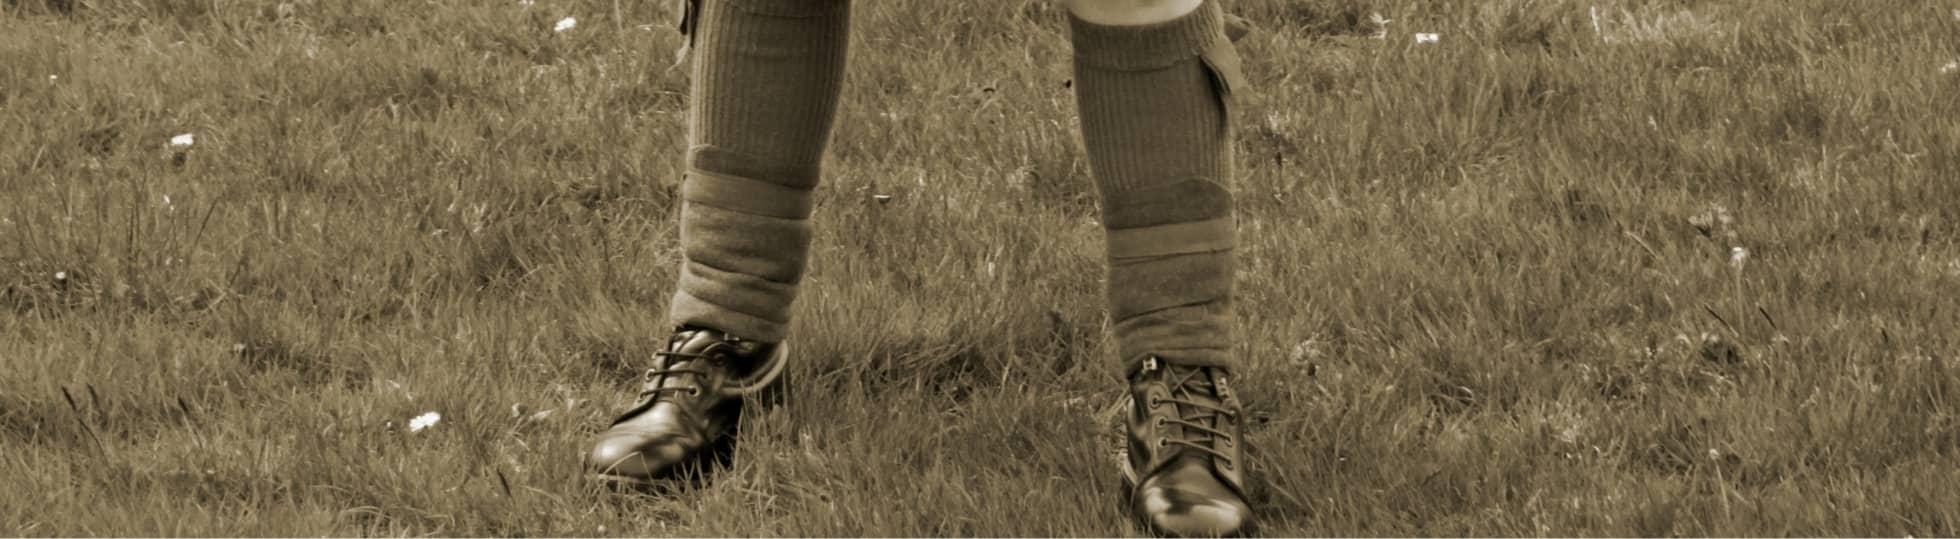 des guetres armee guerre mondiale soldat ww soldier spats gaiter chaps belle lurette et cie france